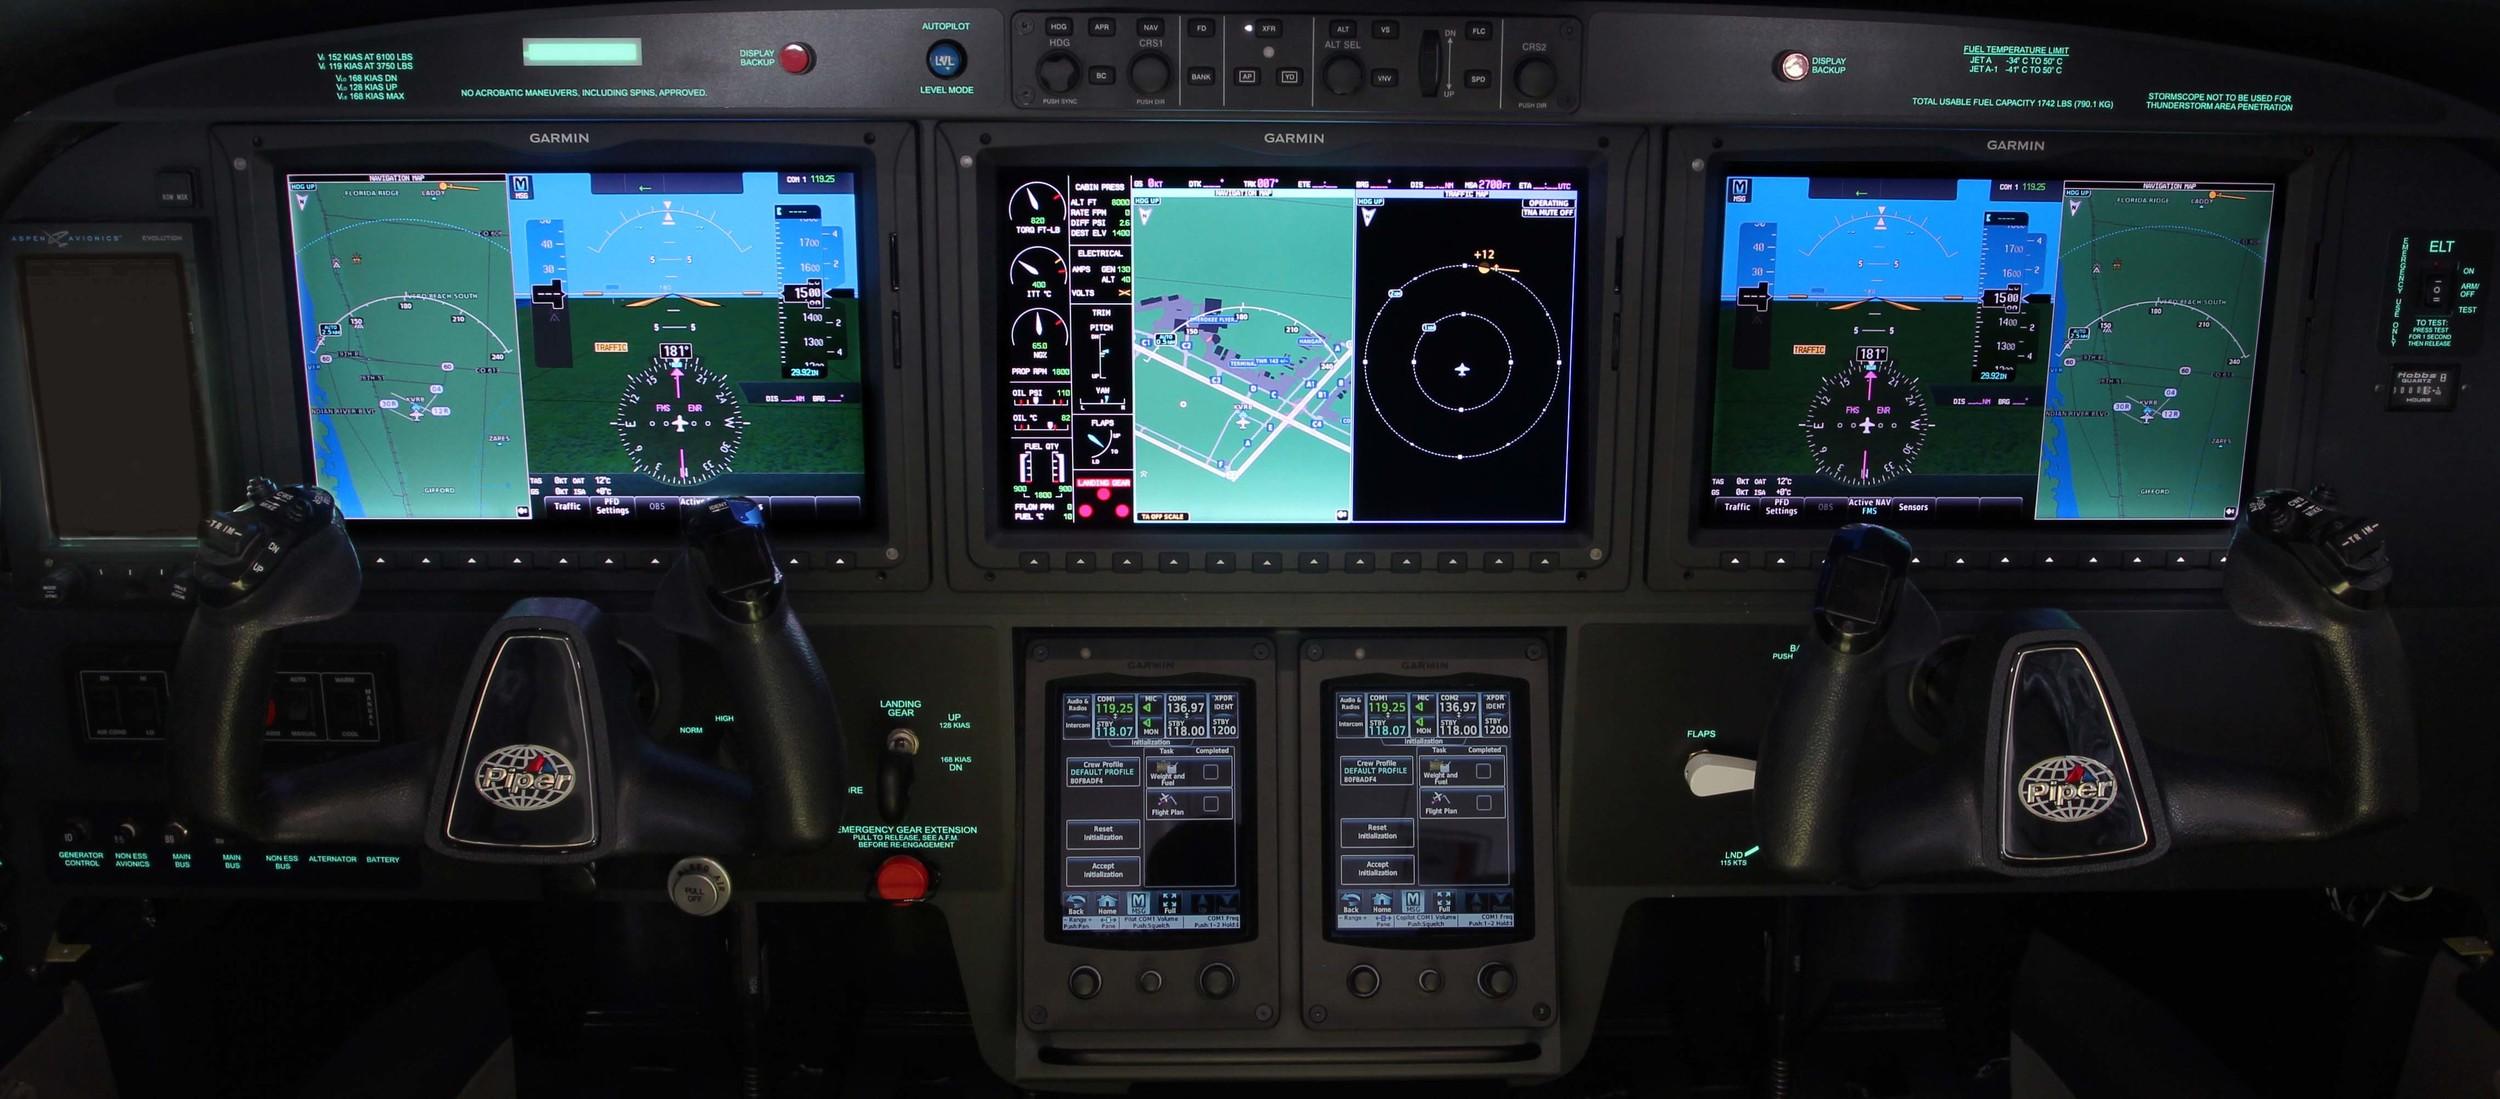 The latest Garmin G3000 touchscreen integrated flight deck